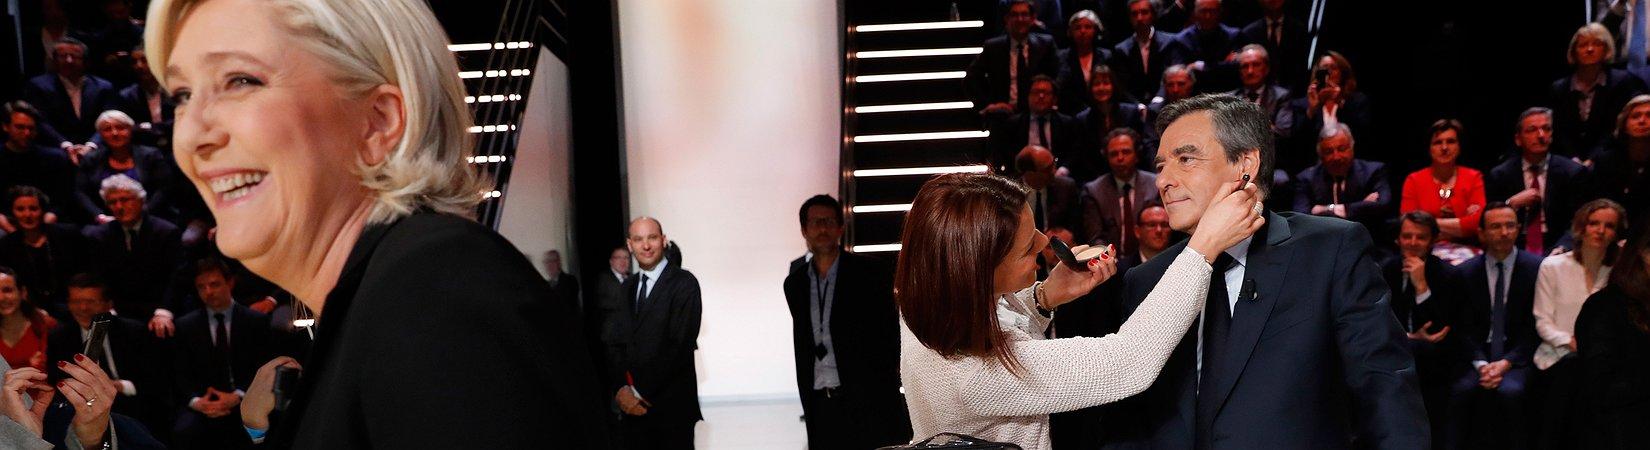 El euro o un franco nuevo: ¿Qué significan las elecciones de Francia para la UE?